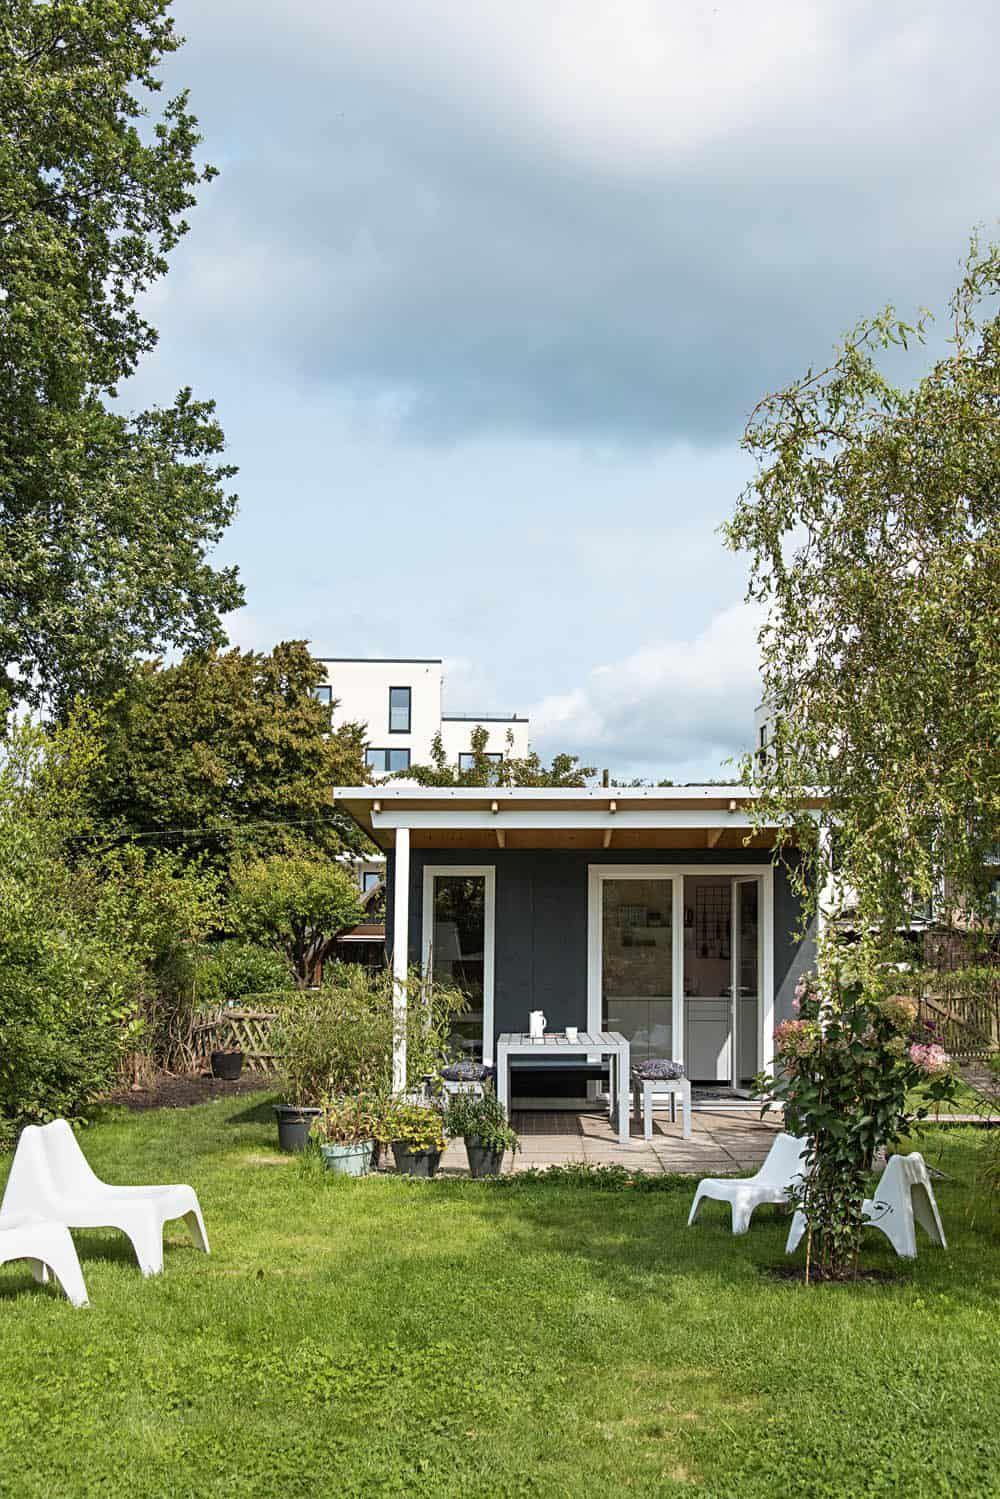 Wow, so können Gartenlauben auch aussehen! Ein paar besonders schöne Ideen für Balkone und (Schreber-) Gärten. Und: ich suche einen Schrebergarten! Weiß jemand was? - Ohhh... Mhhh...